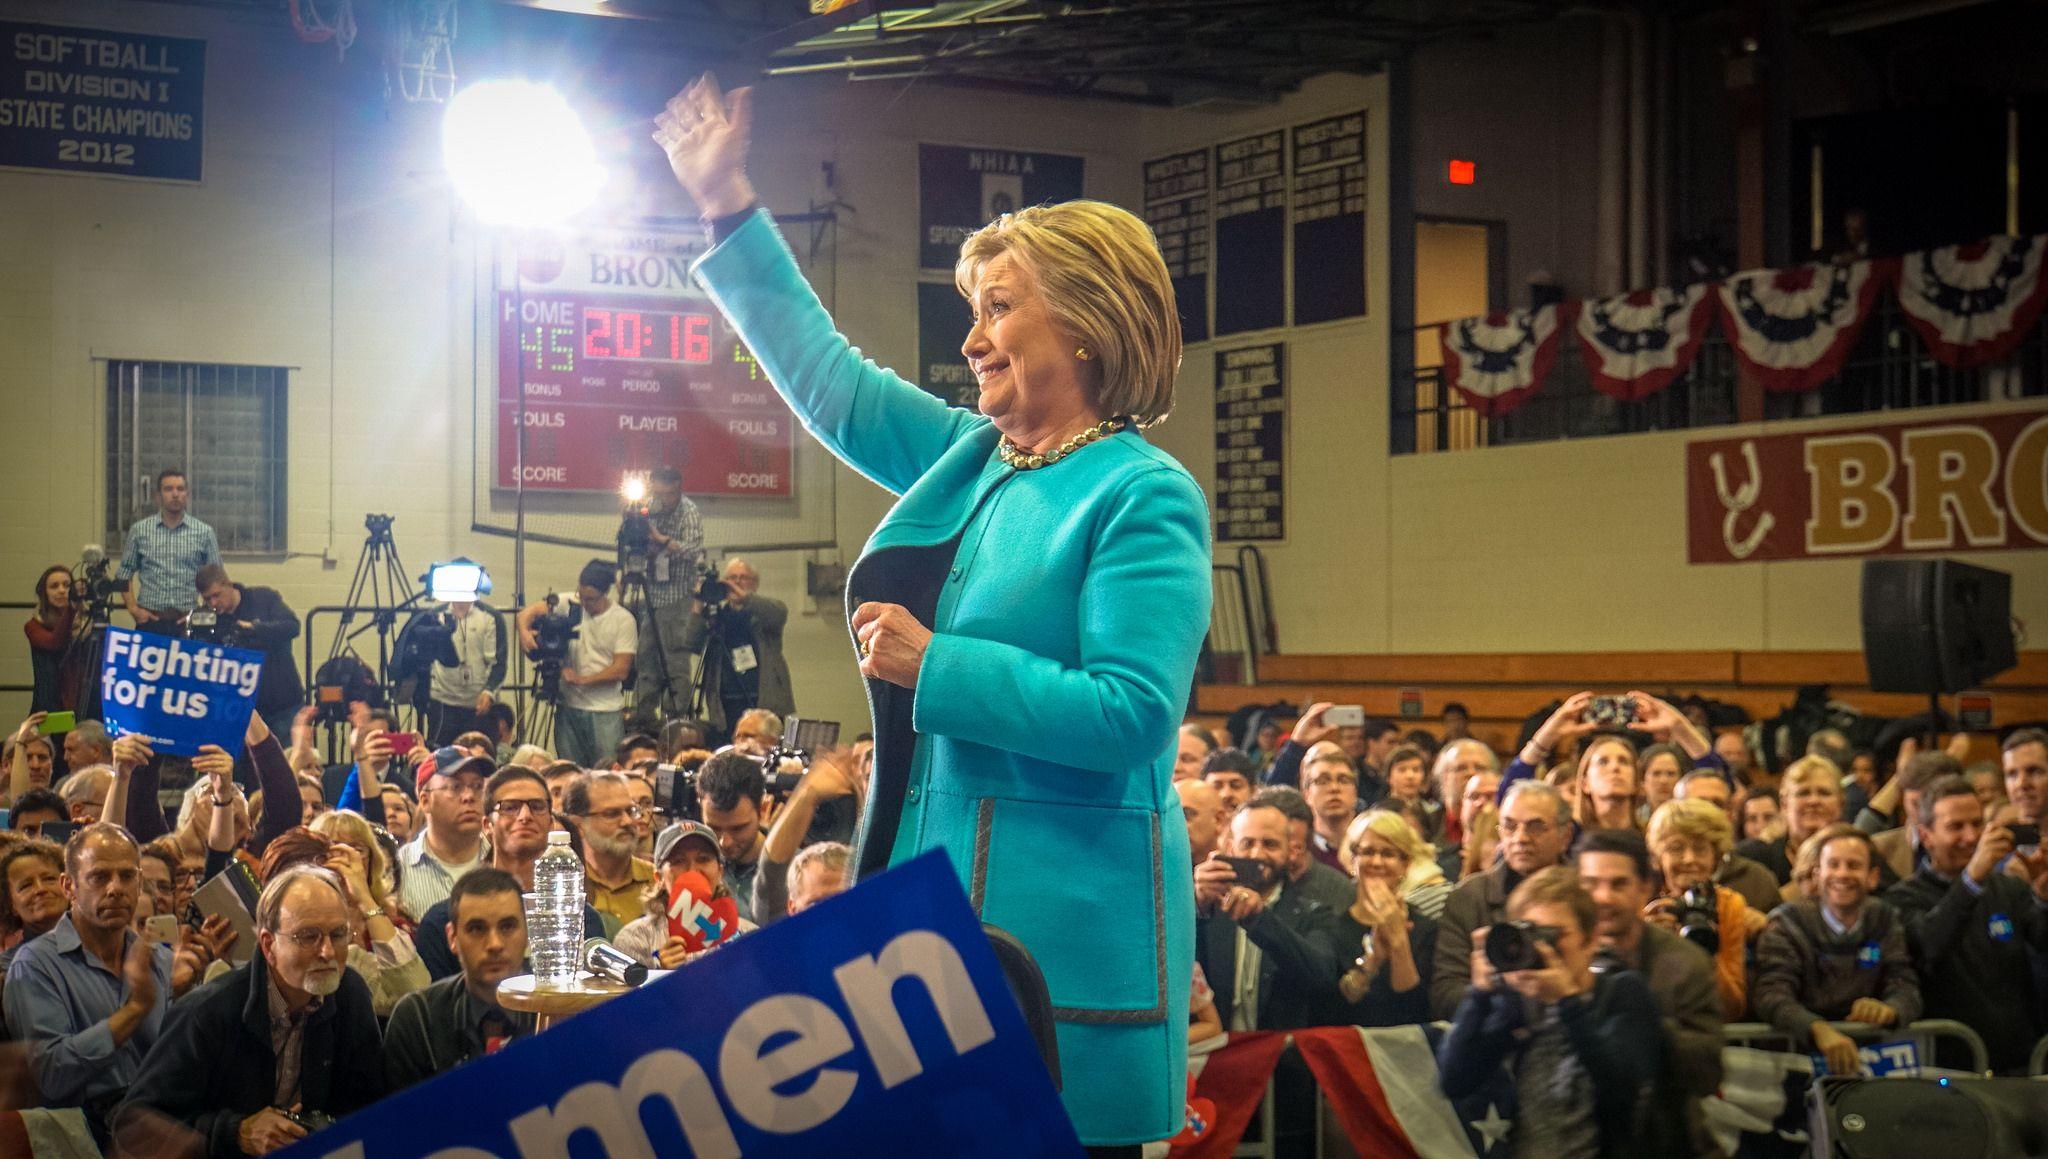 Clinton vann ett nomineringsm%C3%B6te till idag - USAval.se